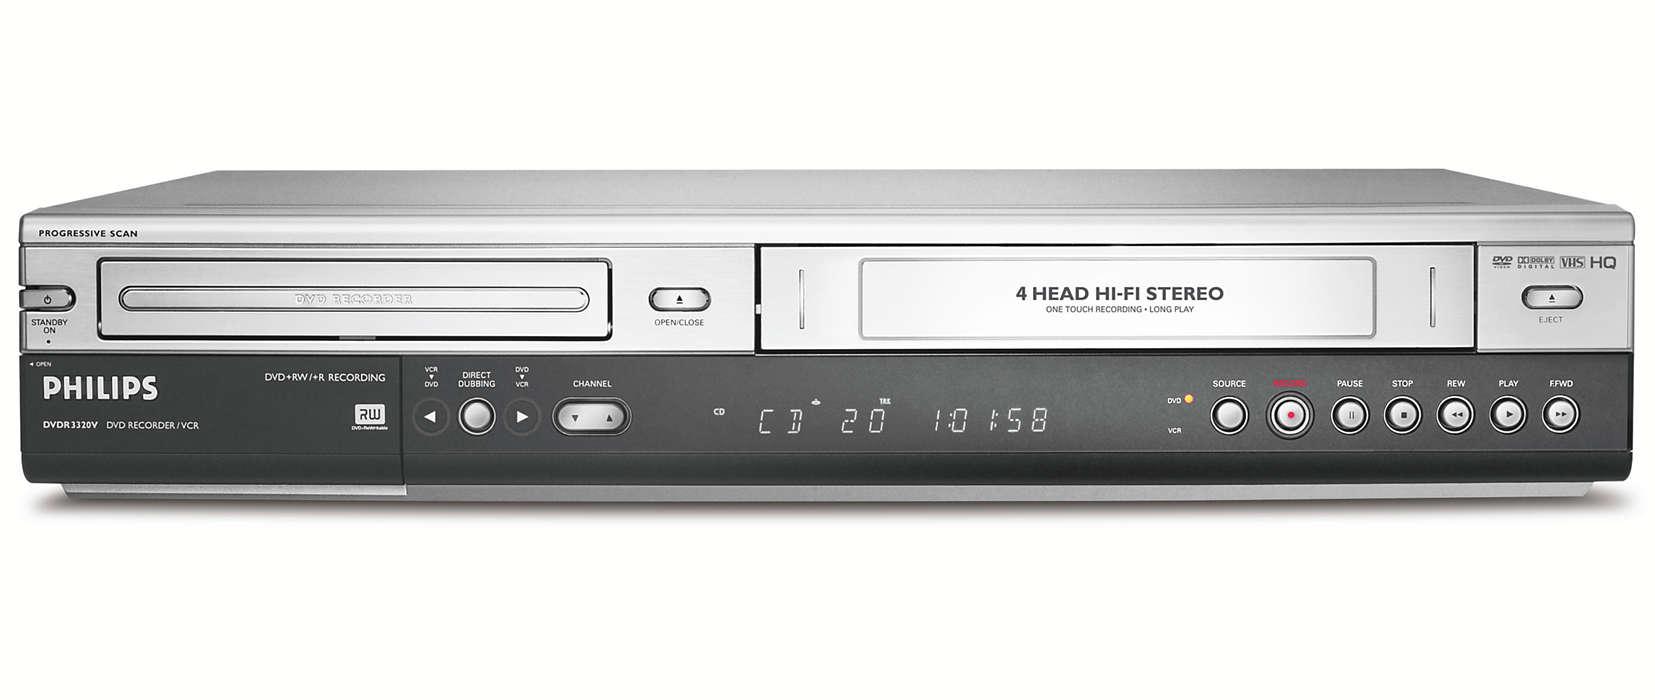 Uchovajte si svoje kazety VHS na DVD